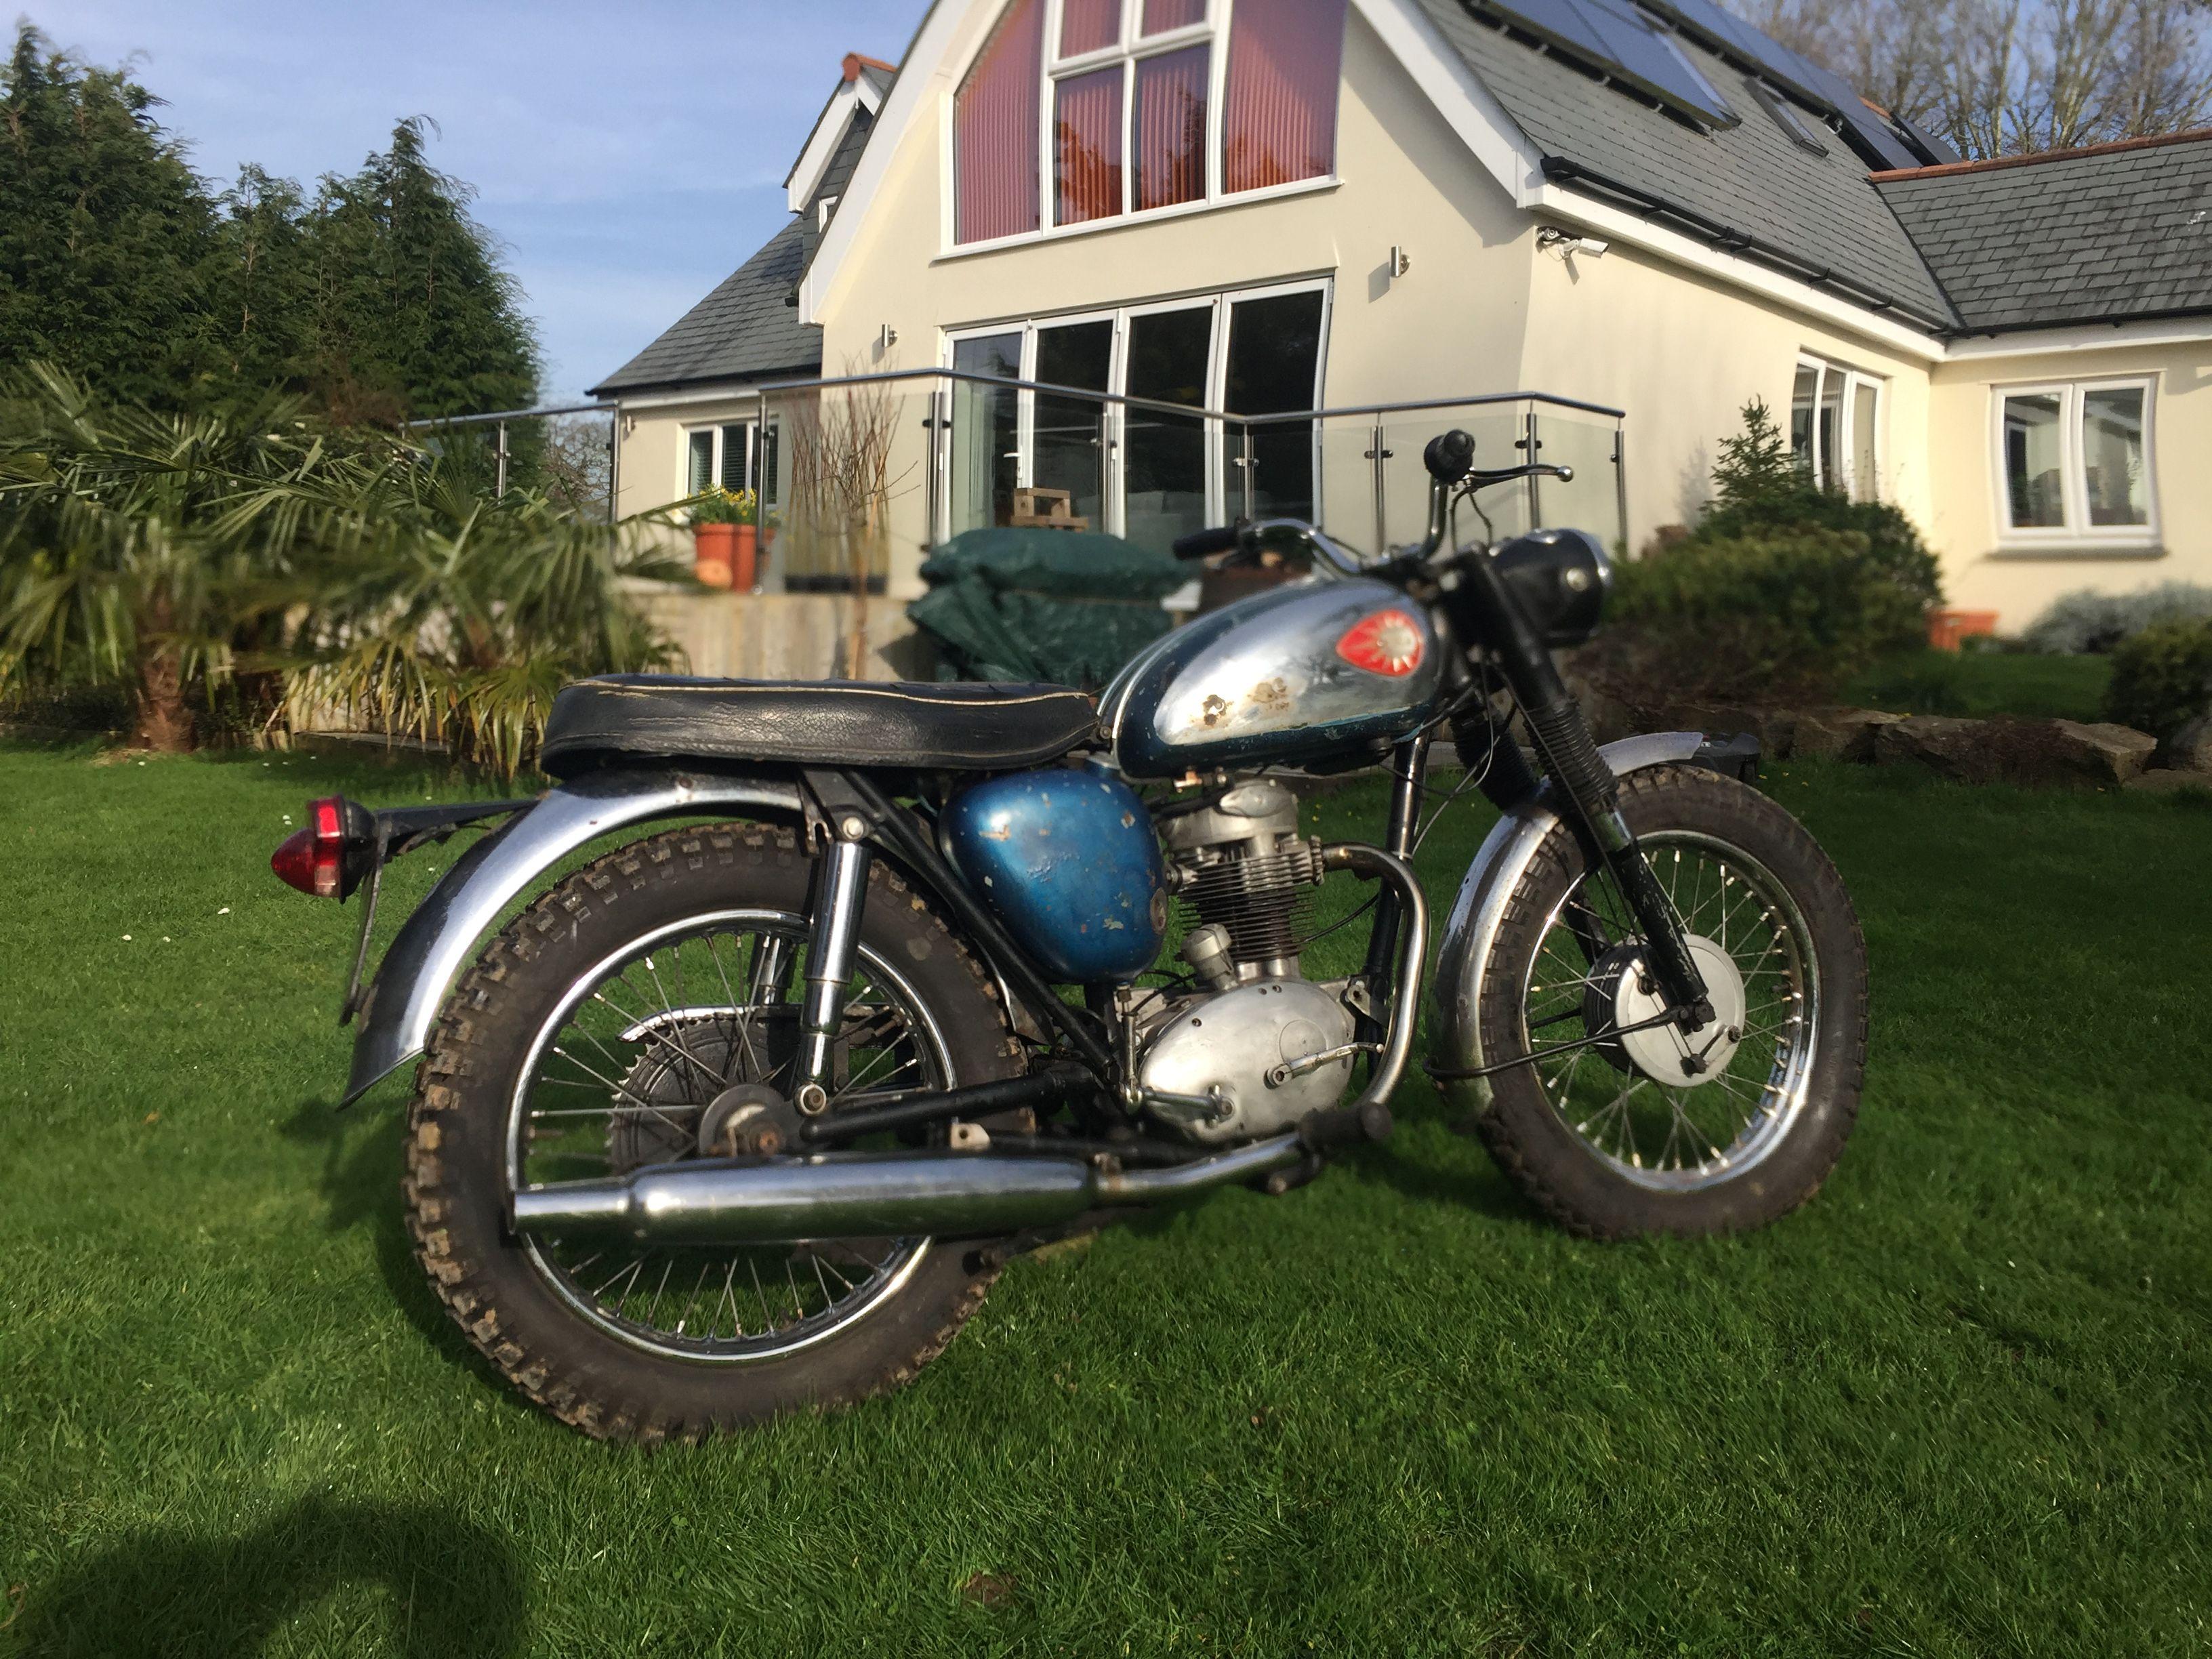 Pin On Bsa Motorcycle